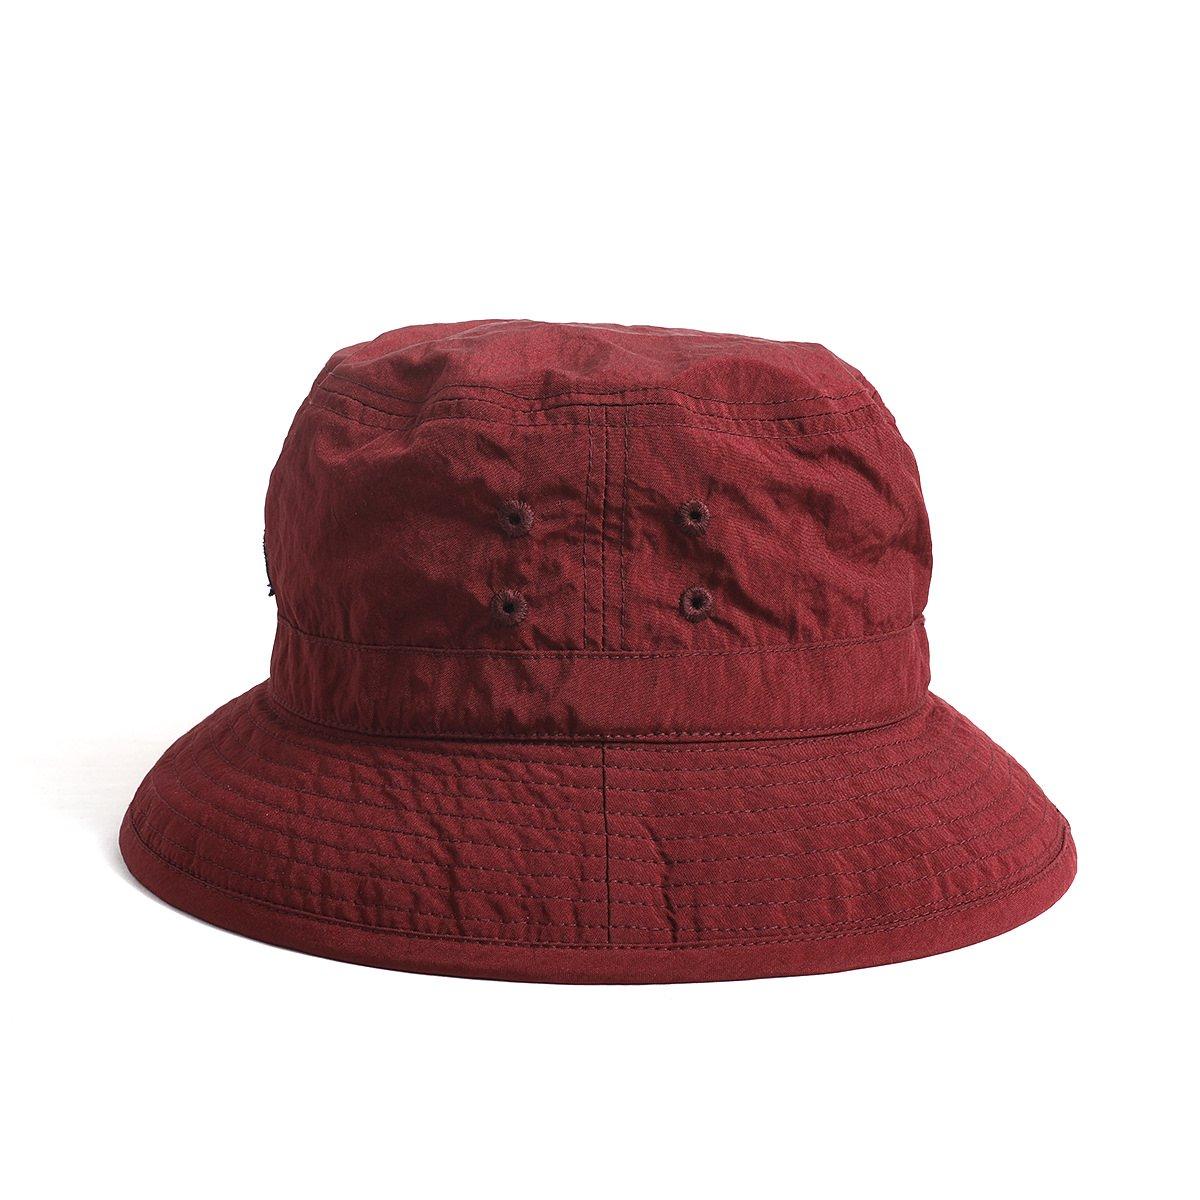 【KIDS】Laugh Mat Hat 詳細画像5